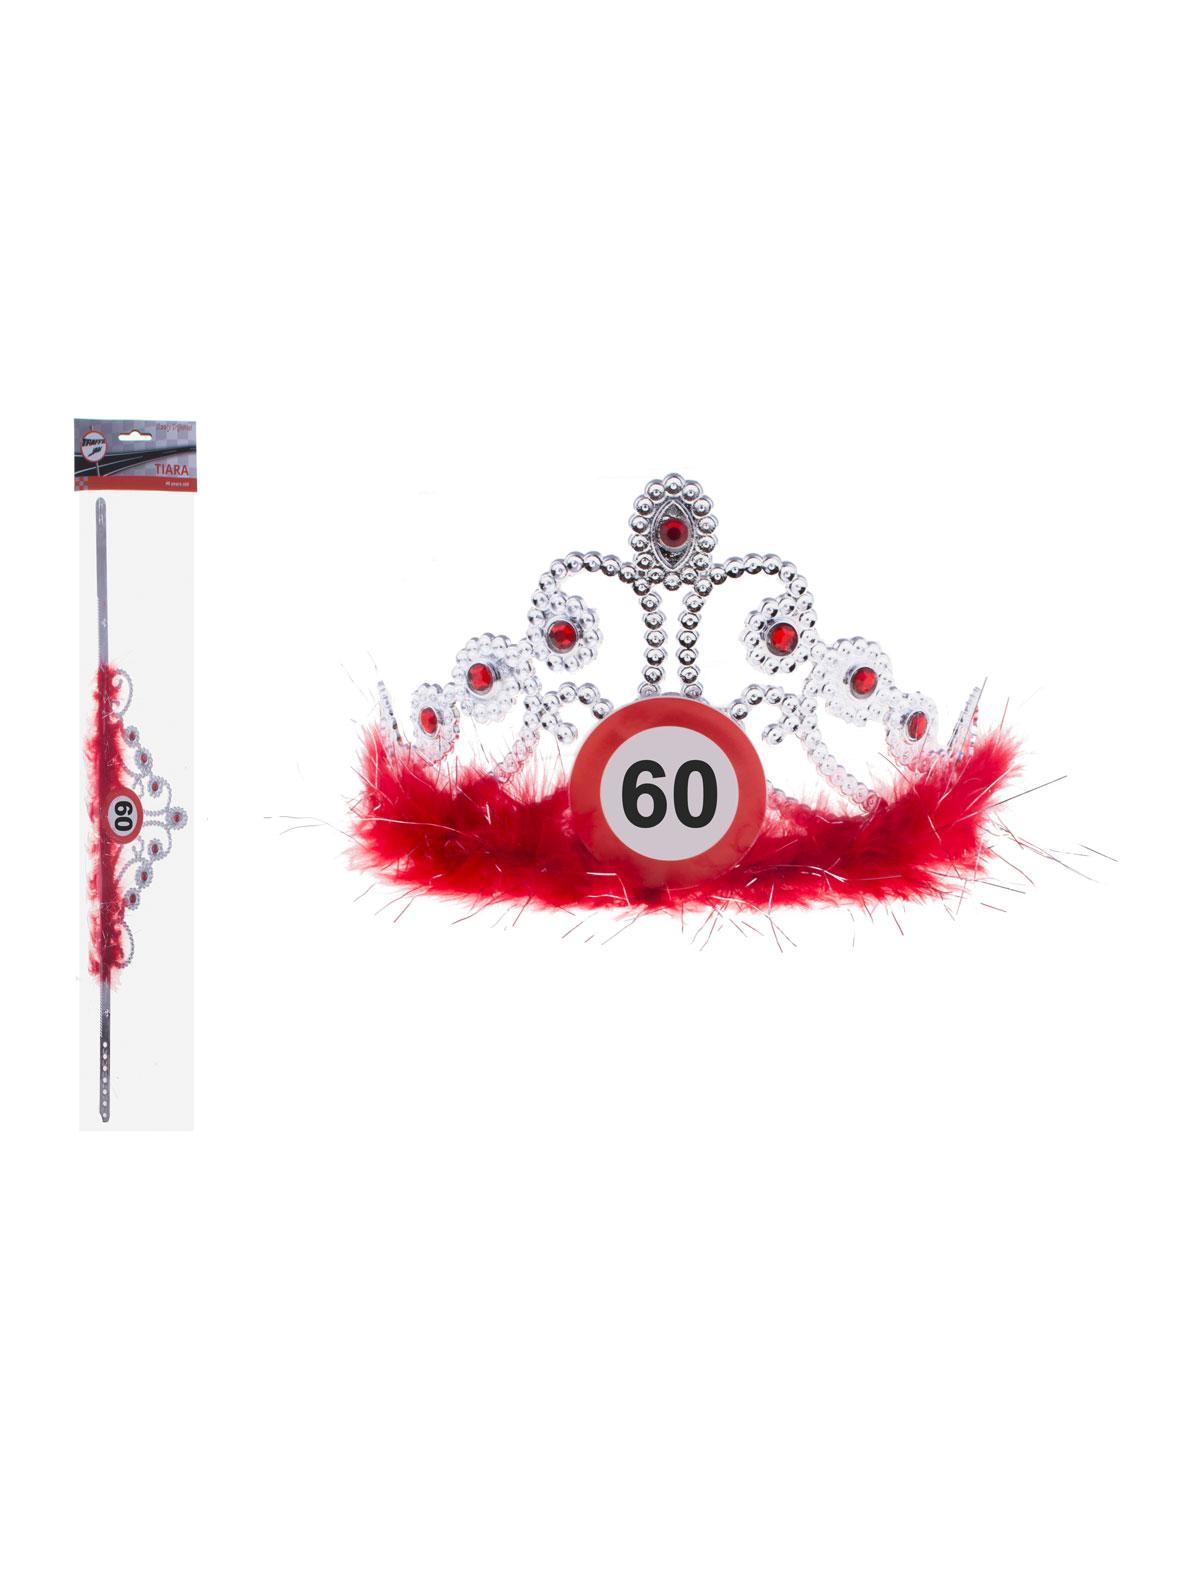 Krone Geburtstag 60 Jahre